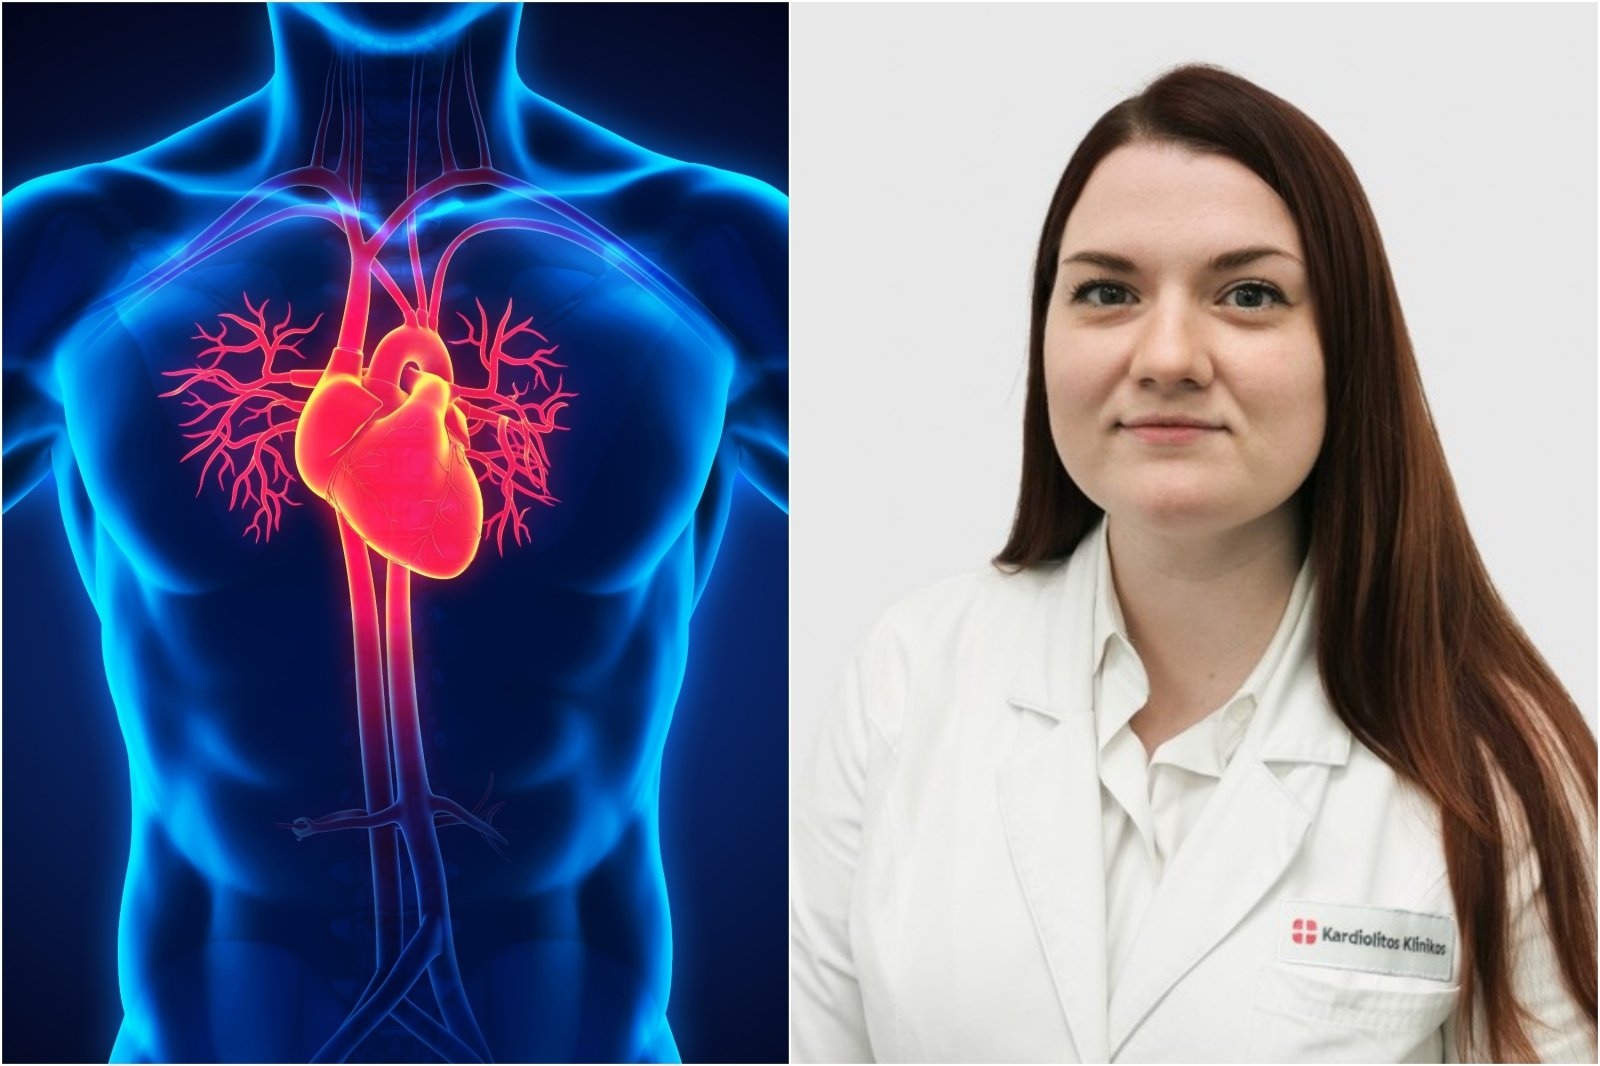 širdies sveikatos svoris atviros širdies operacijos psichinė sveikata